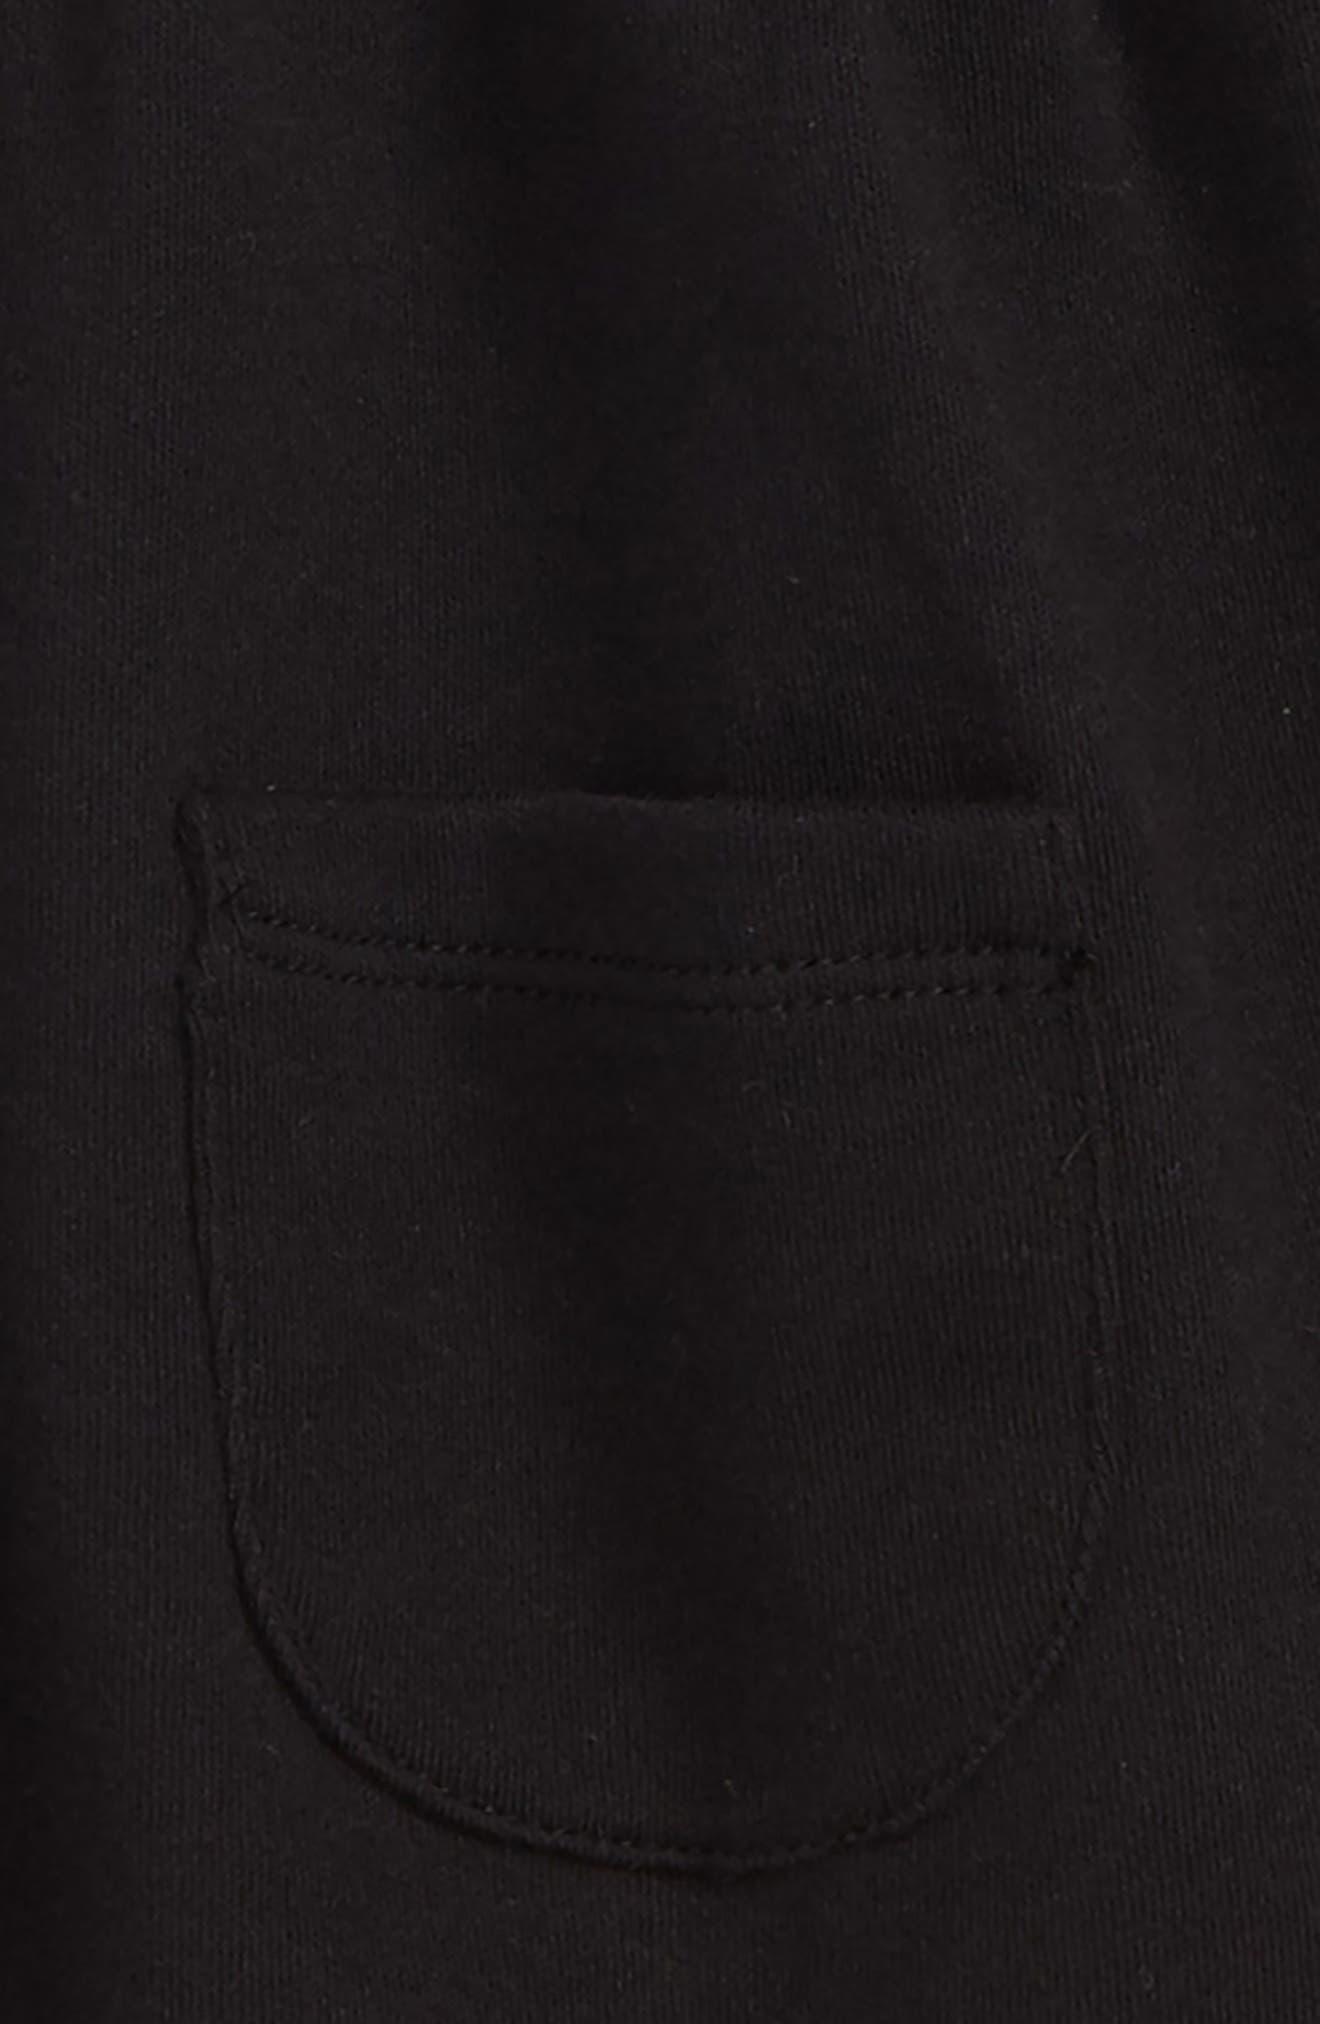 NORDSTROM BABY,                             Pocket Dress & Leggings Set,                             Alternate thumbnail 2, color,                             BLACK